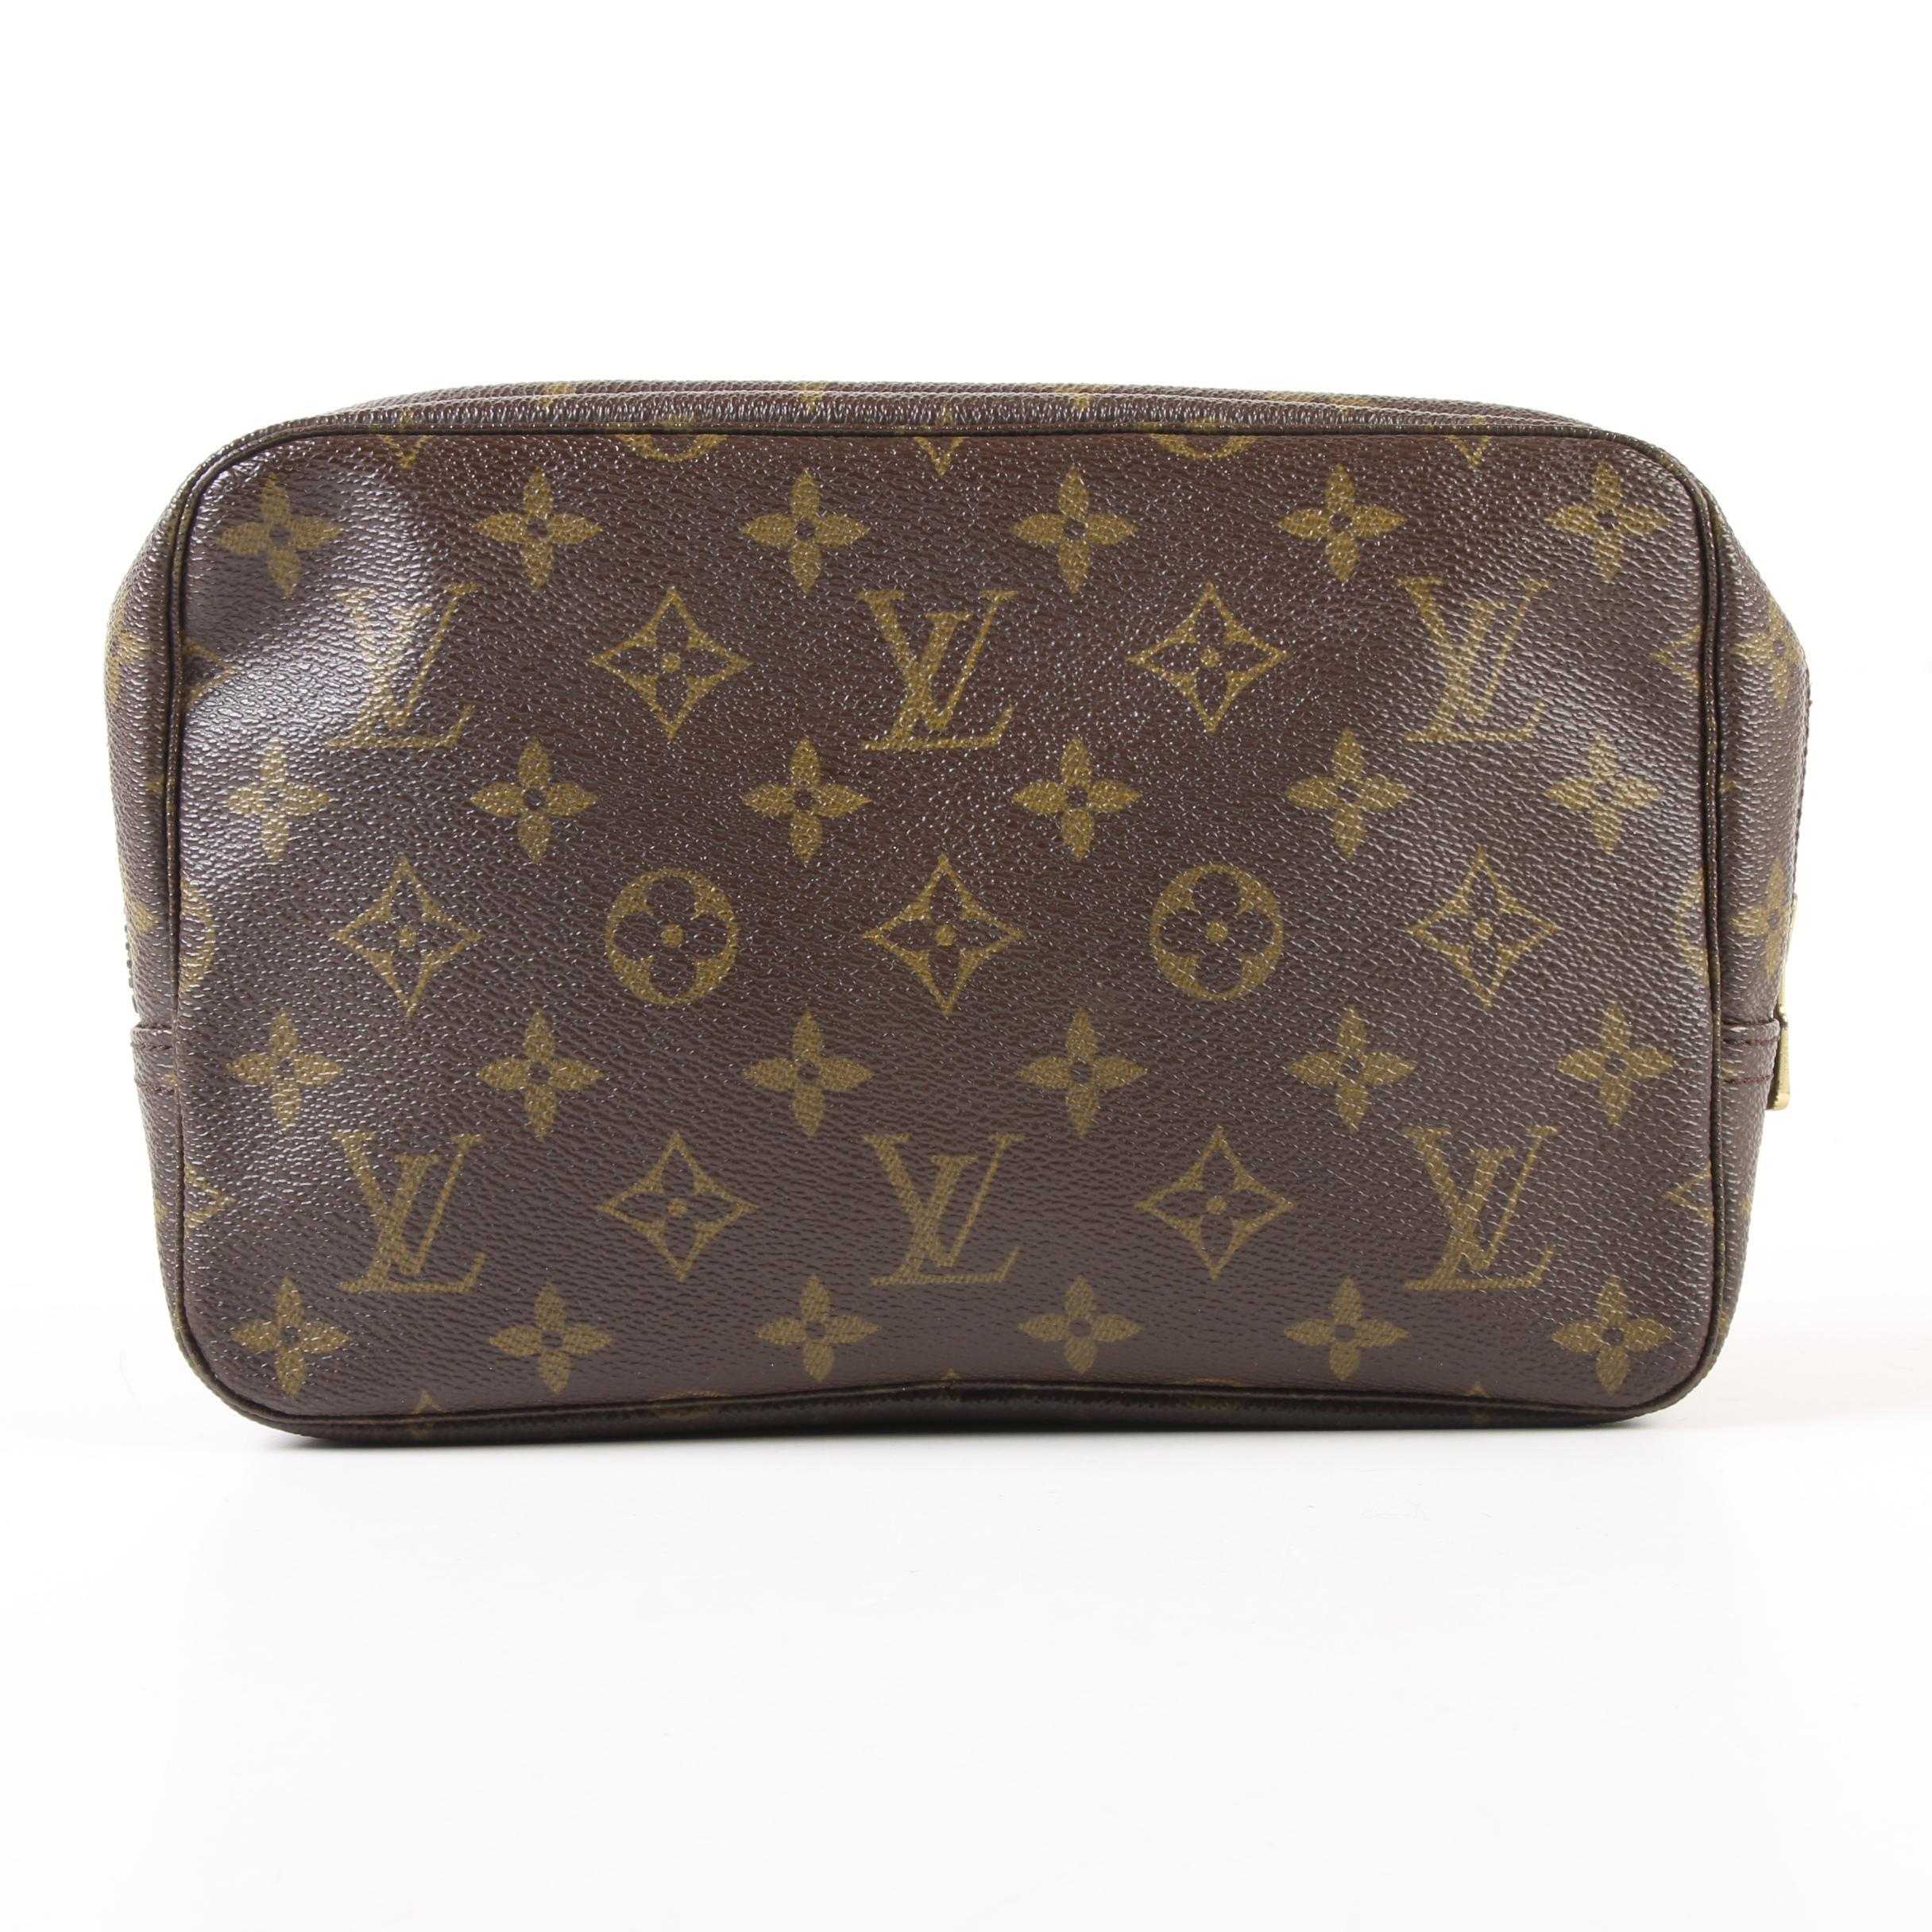 Louis Vuitton Paris Trousse Toilette 23 Cosmetic Bag in Monogram Canvas